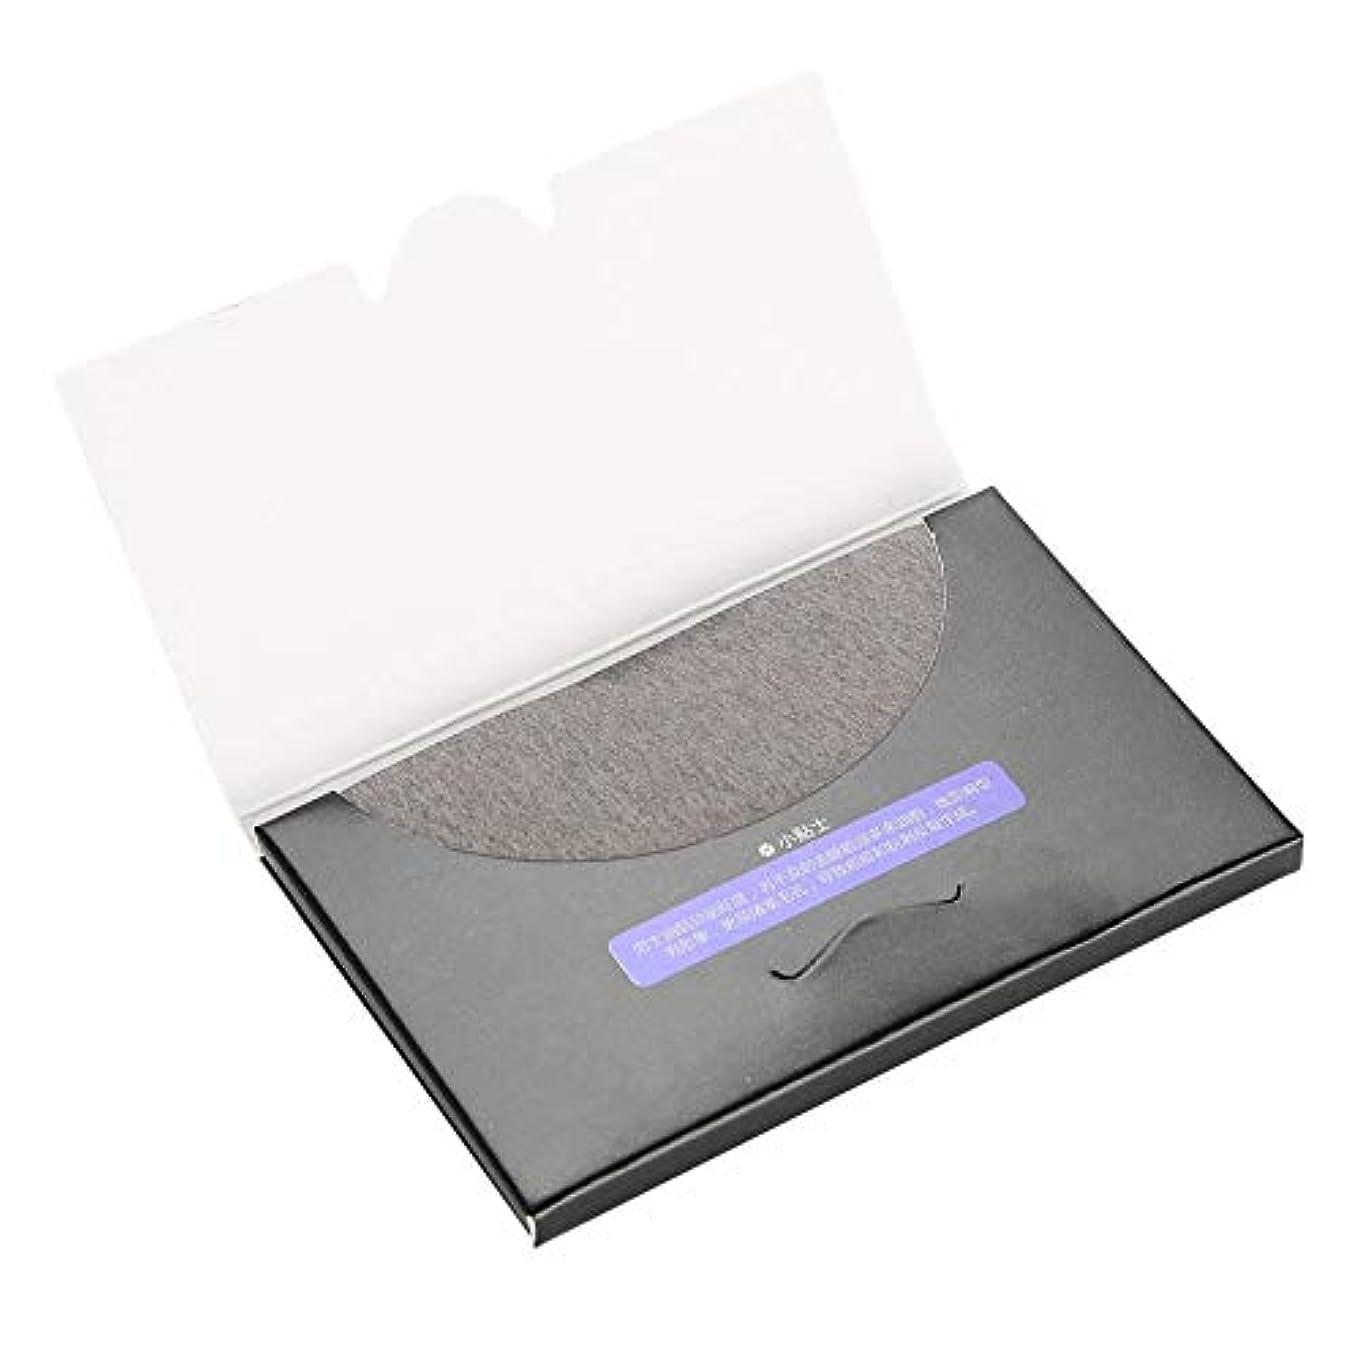 威信二十トレイル80枚/袋吸油布 - 化粧フィルムのクリーニング、吸い取り紙の消去 - きれいな吸い取り紙